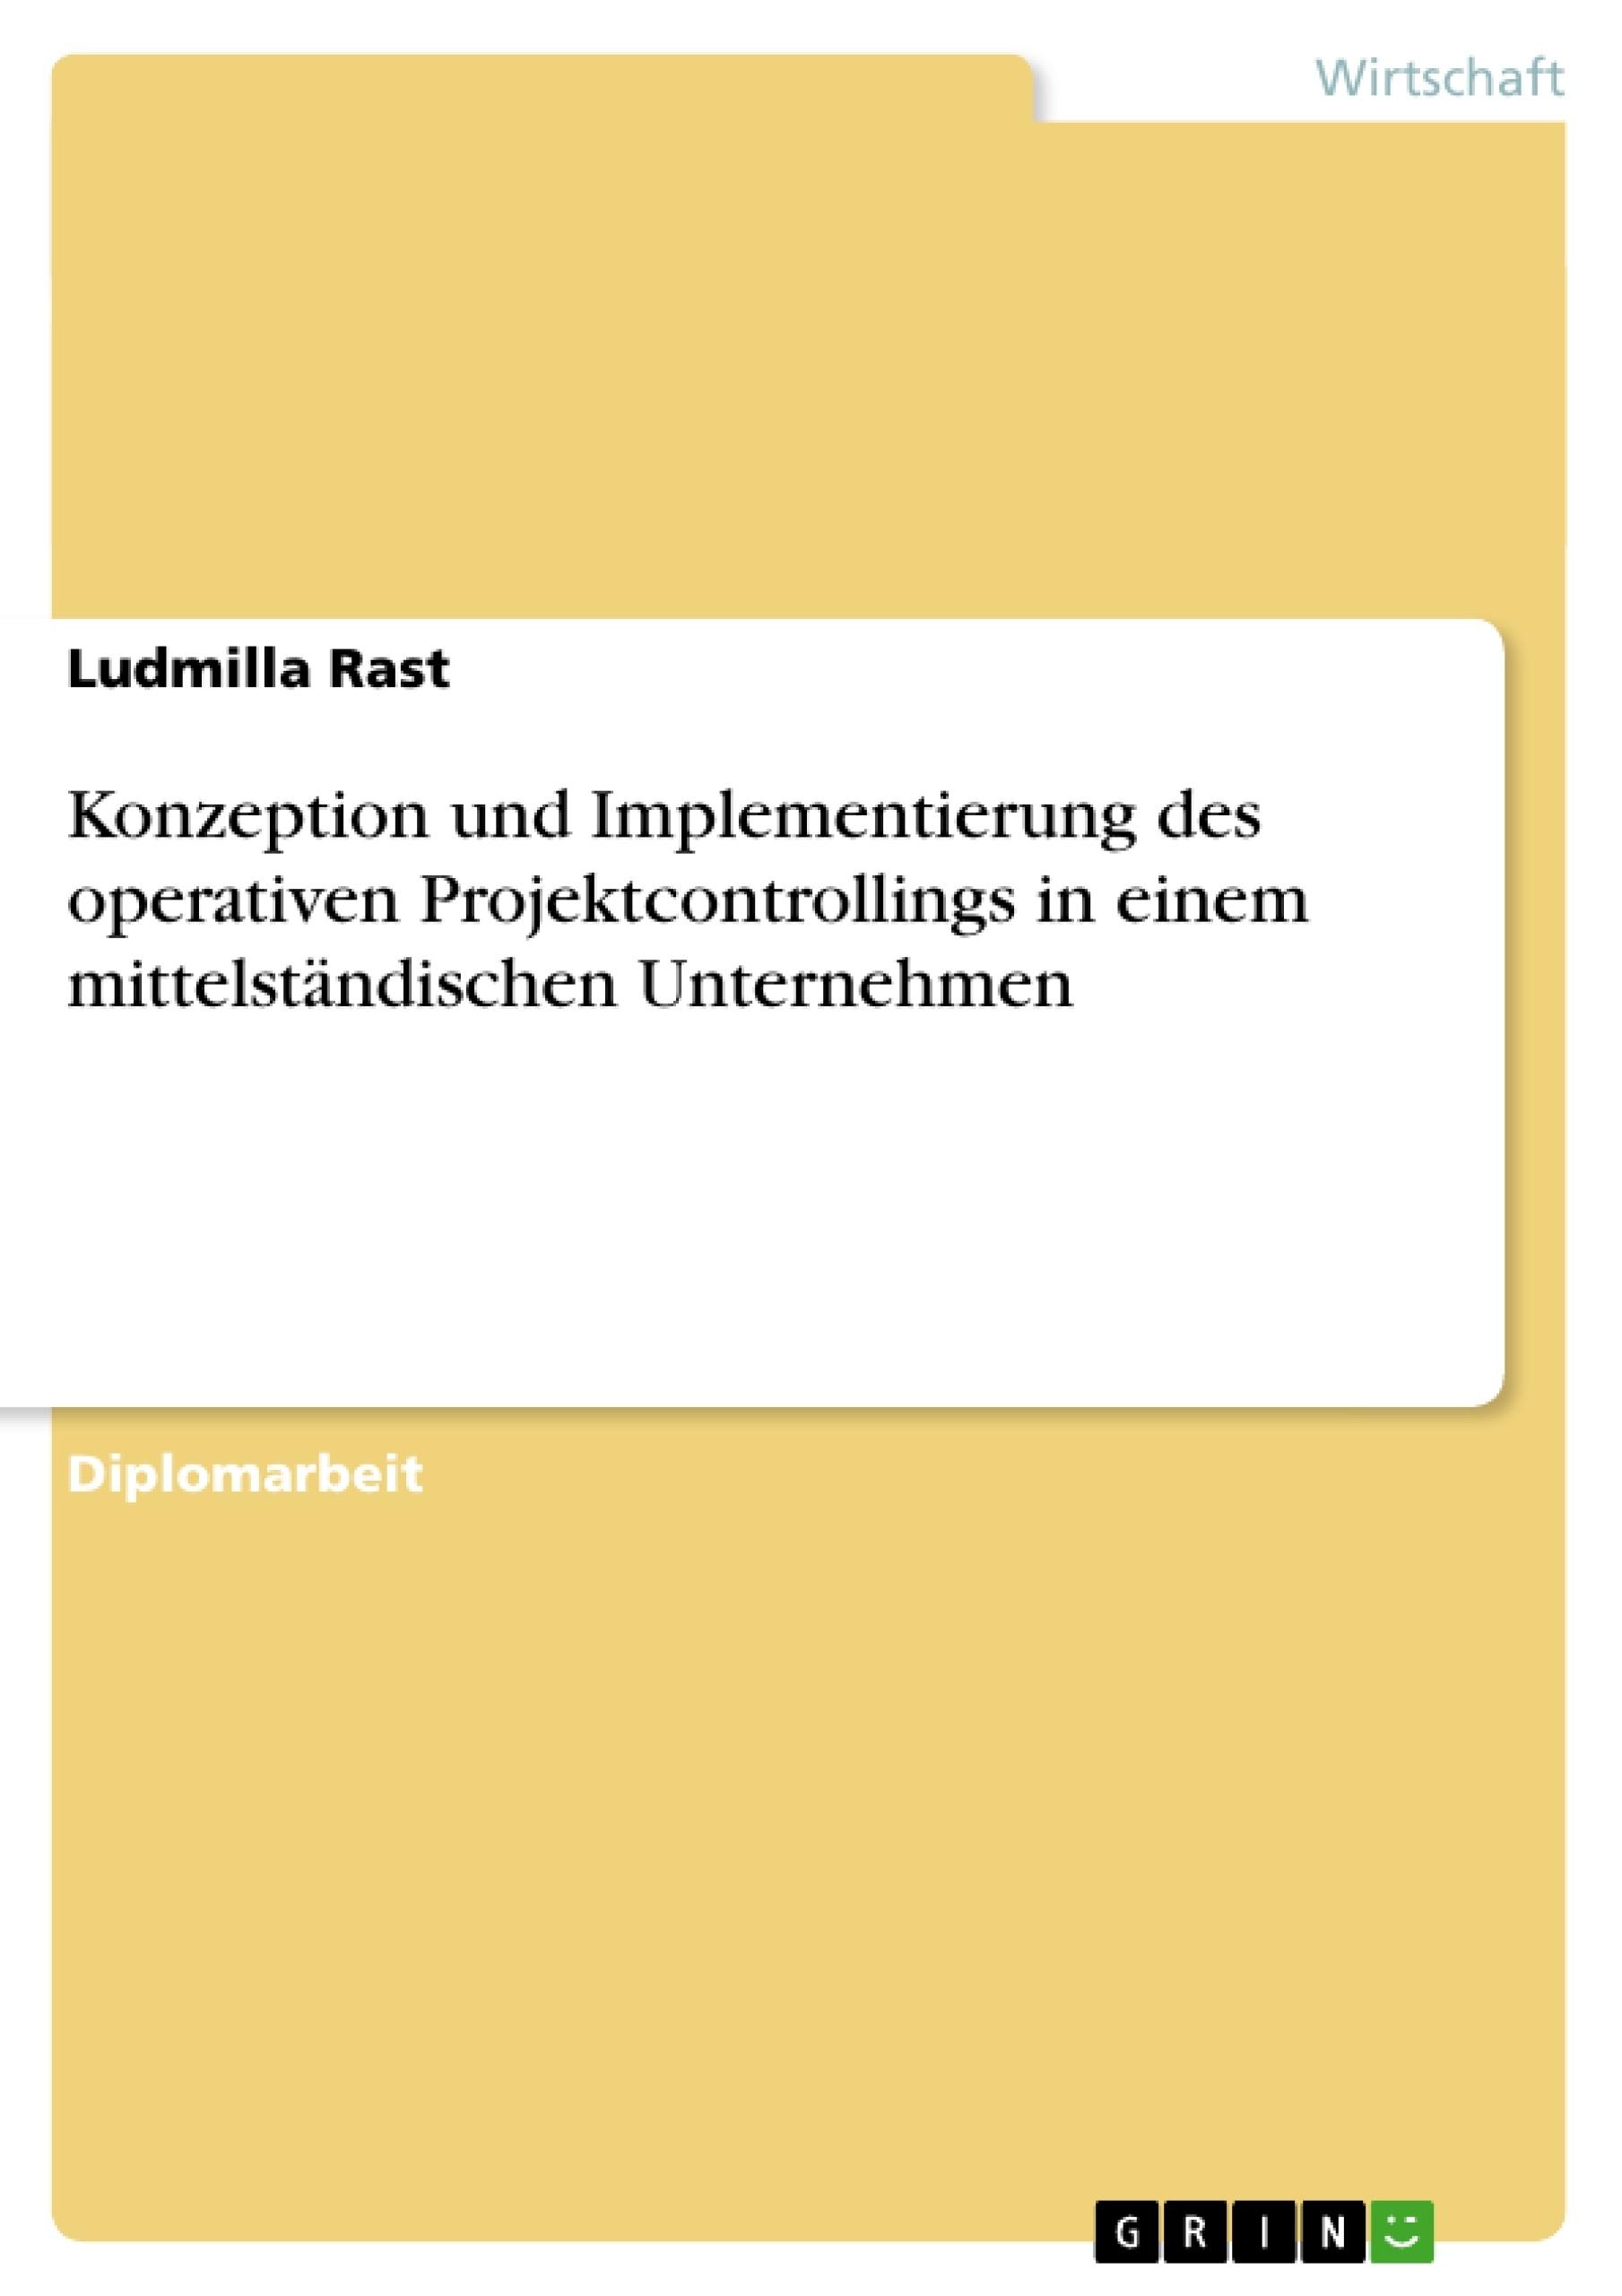 Titel: Konzeption und Implementierung des operativen Projektcontrollings in einem mittelständischen Unternehmen